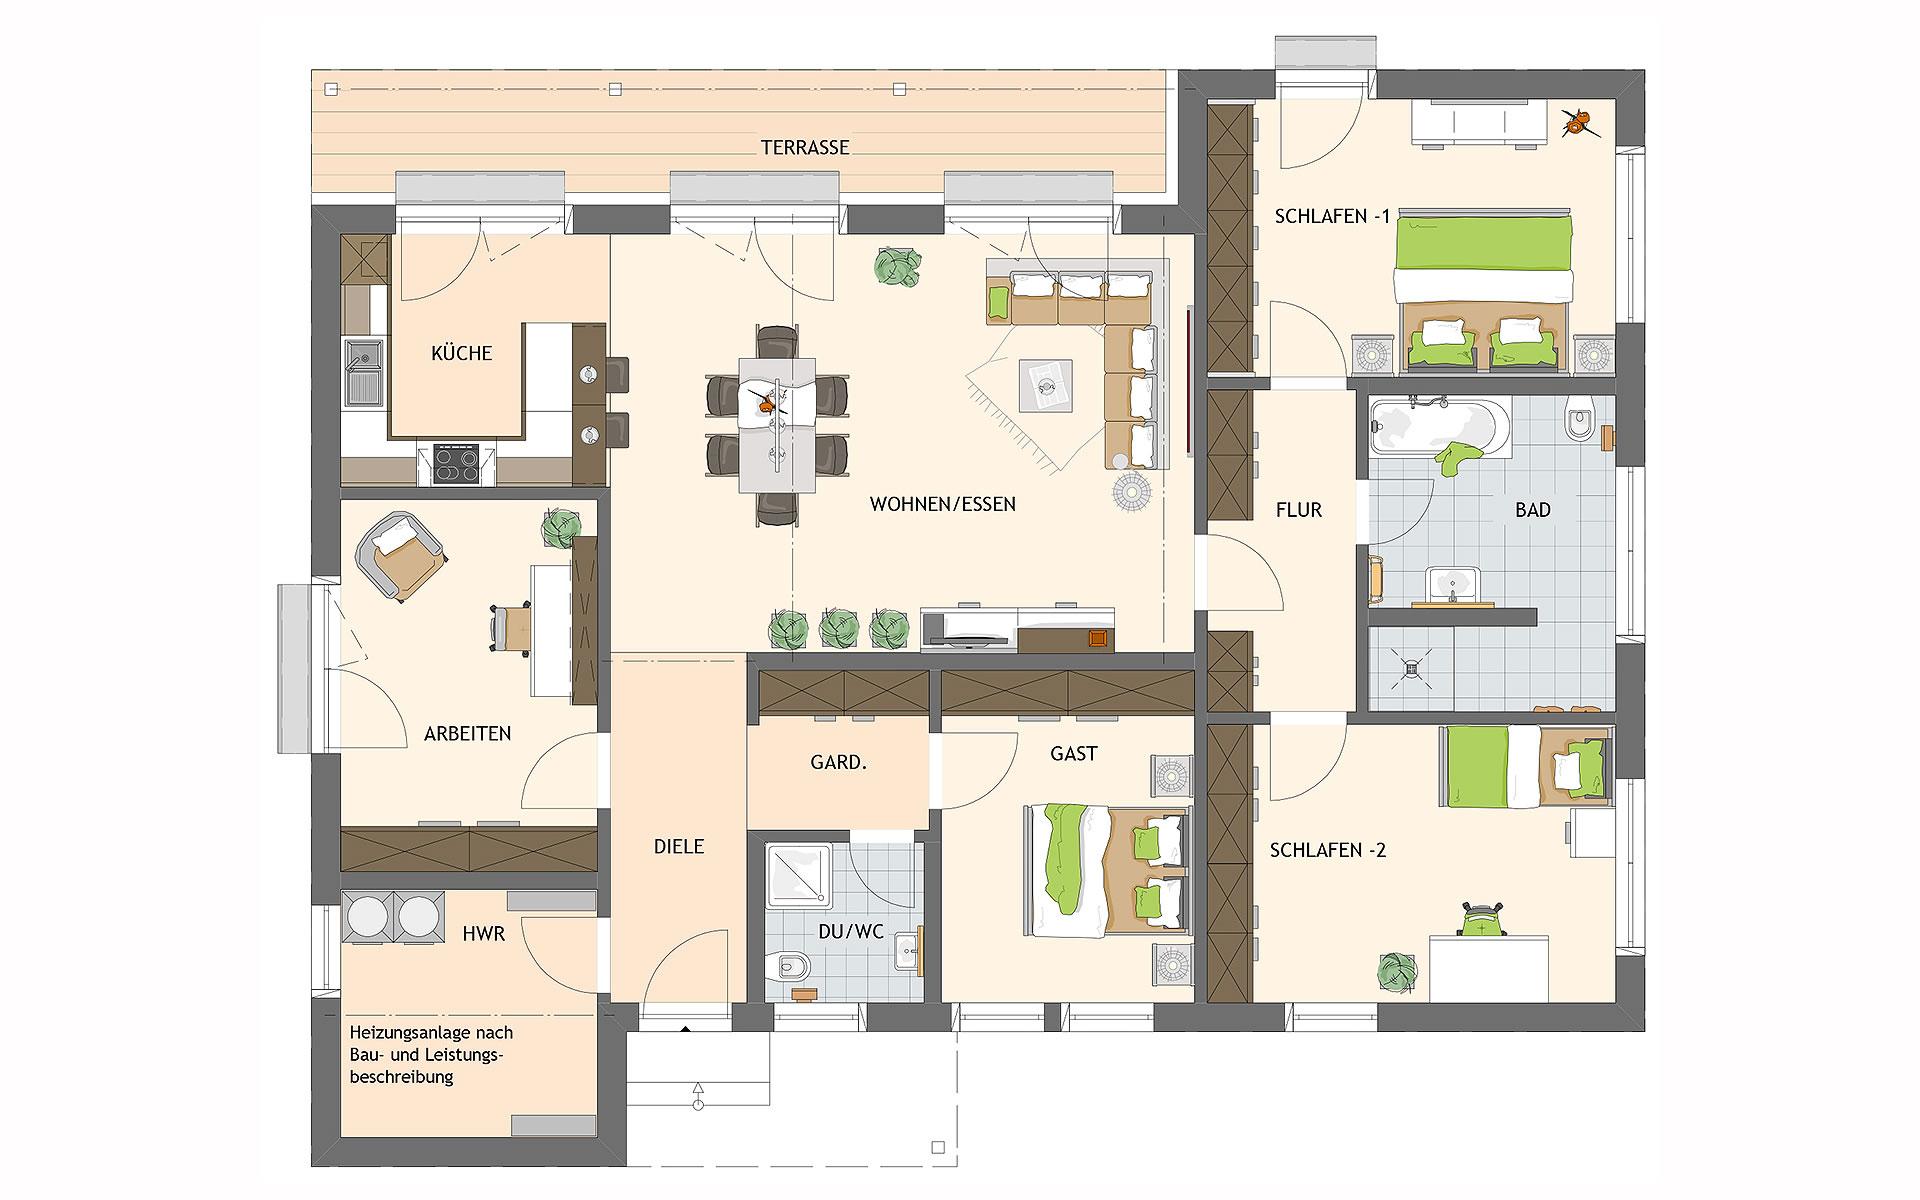 Erdgeschoss NIVO 140 W von FingerHaus GmbH